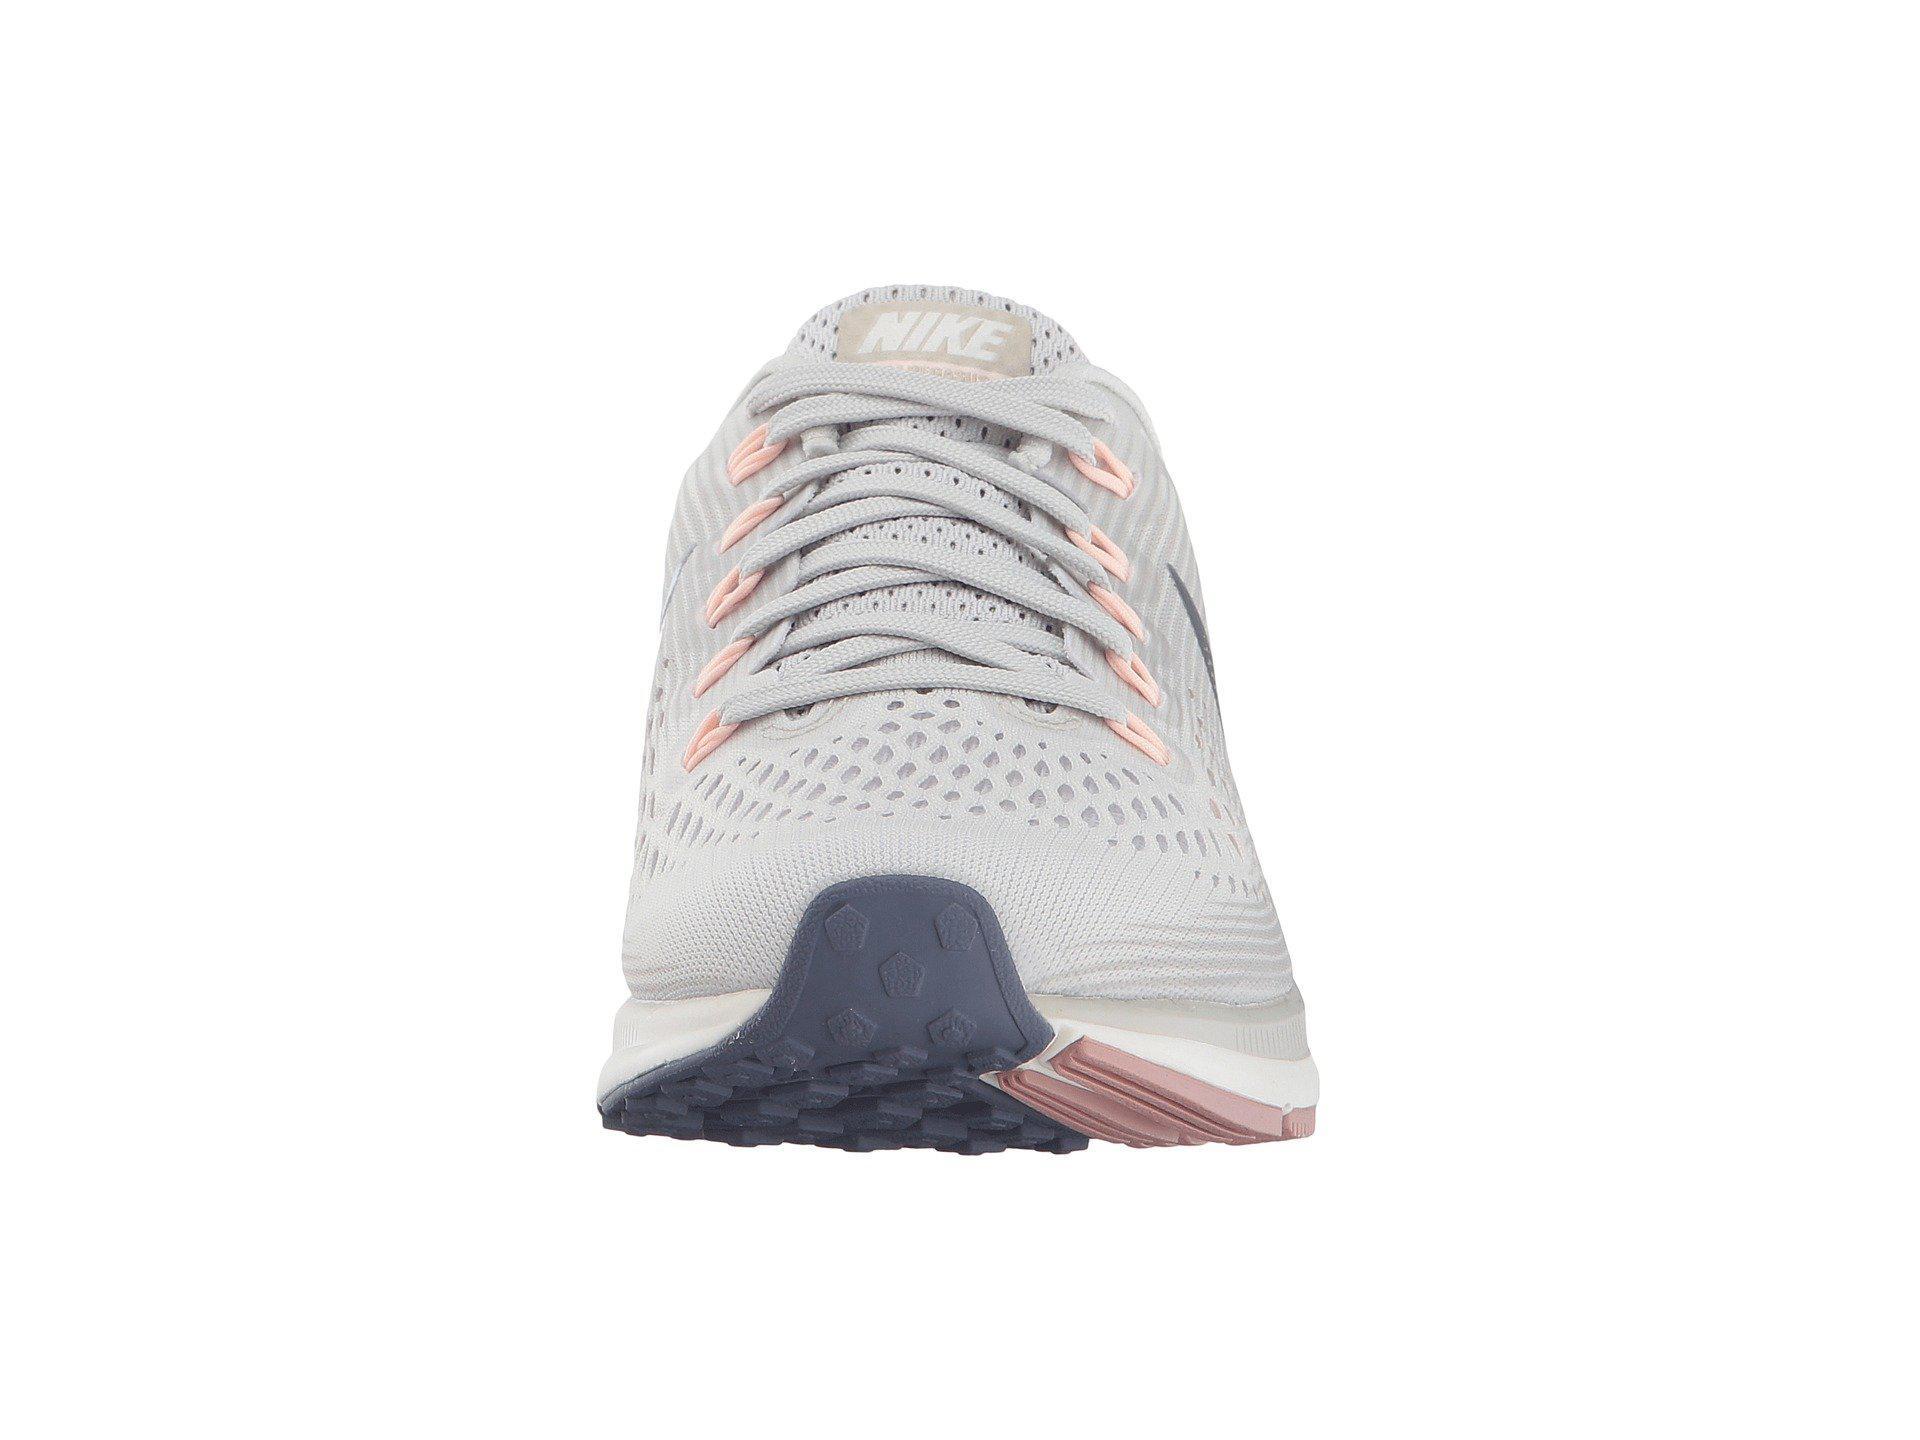 best choice 25c1e 9555e gris orange nike air pegasus 82